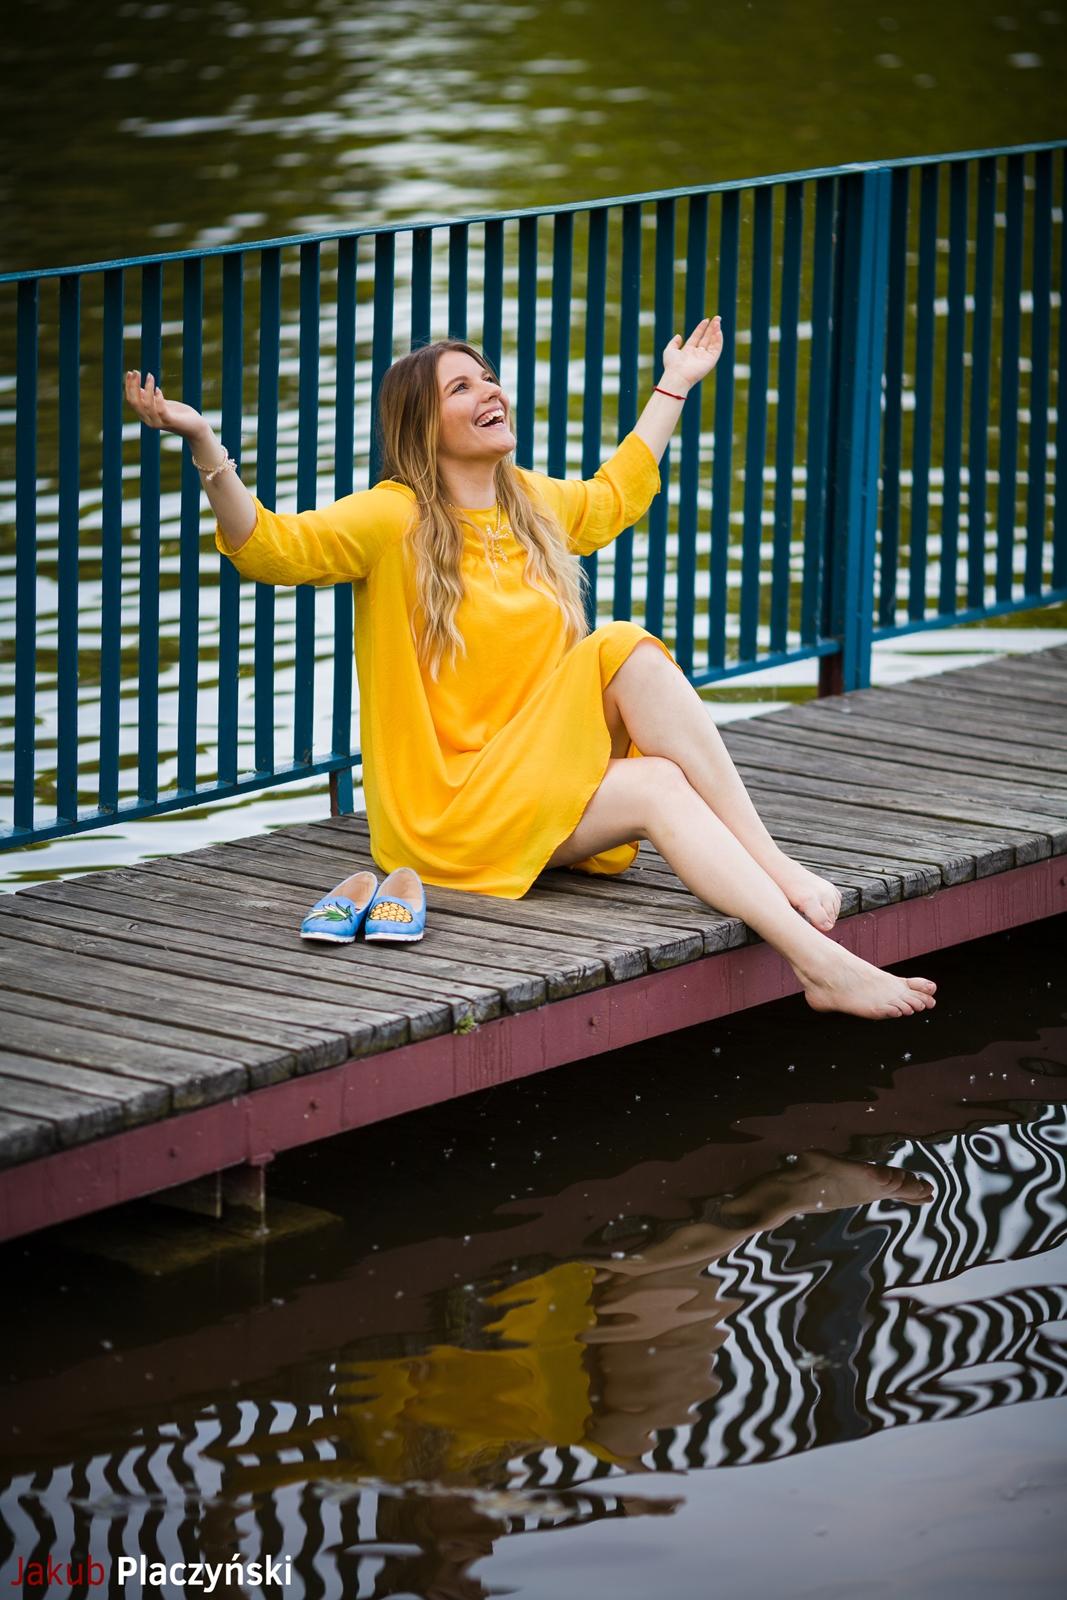 2 żółta sukienka na lato bonprix niebieskie espadryle z ananasem renee shoes reneegirls reneeshoes melodylaniella modnapolka lookbook ootd moda na lato biżuteria piotrowski swarovski